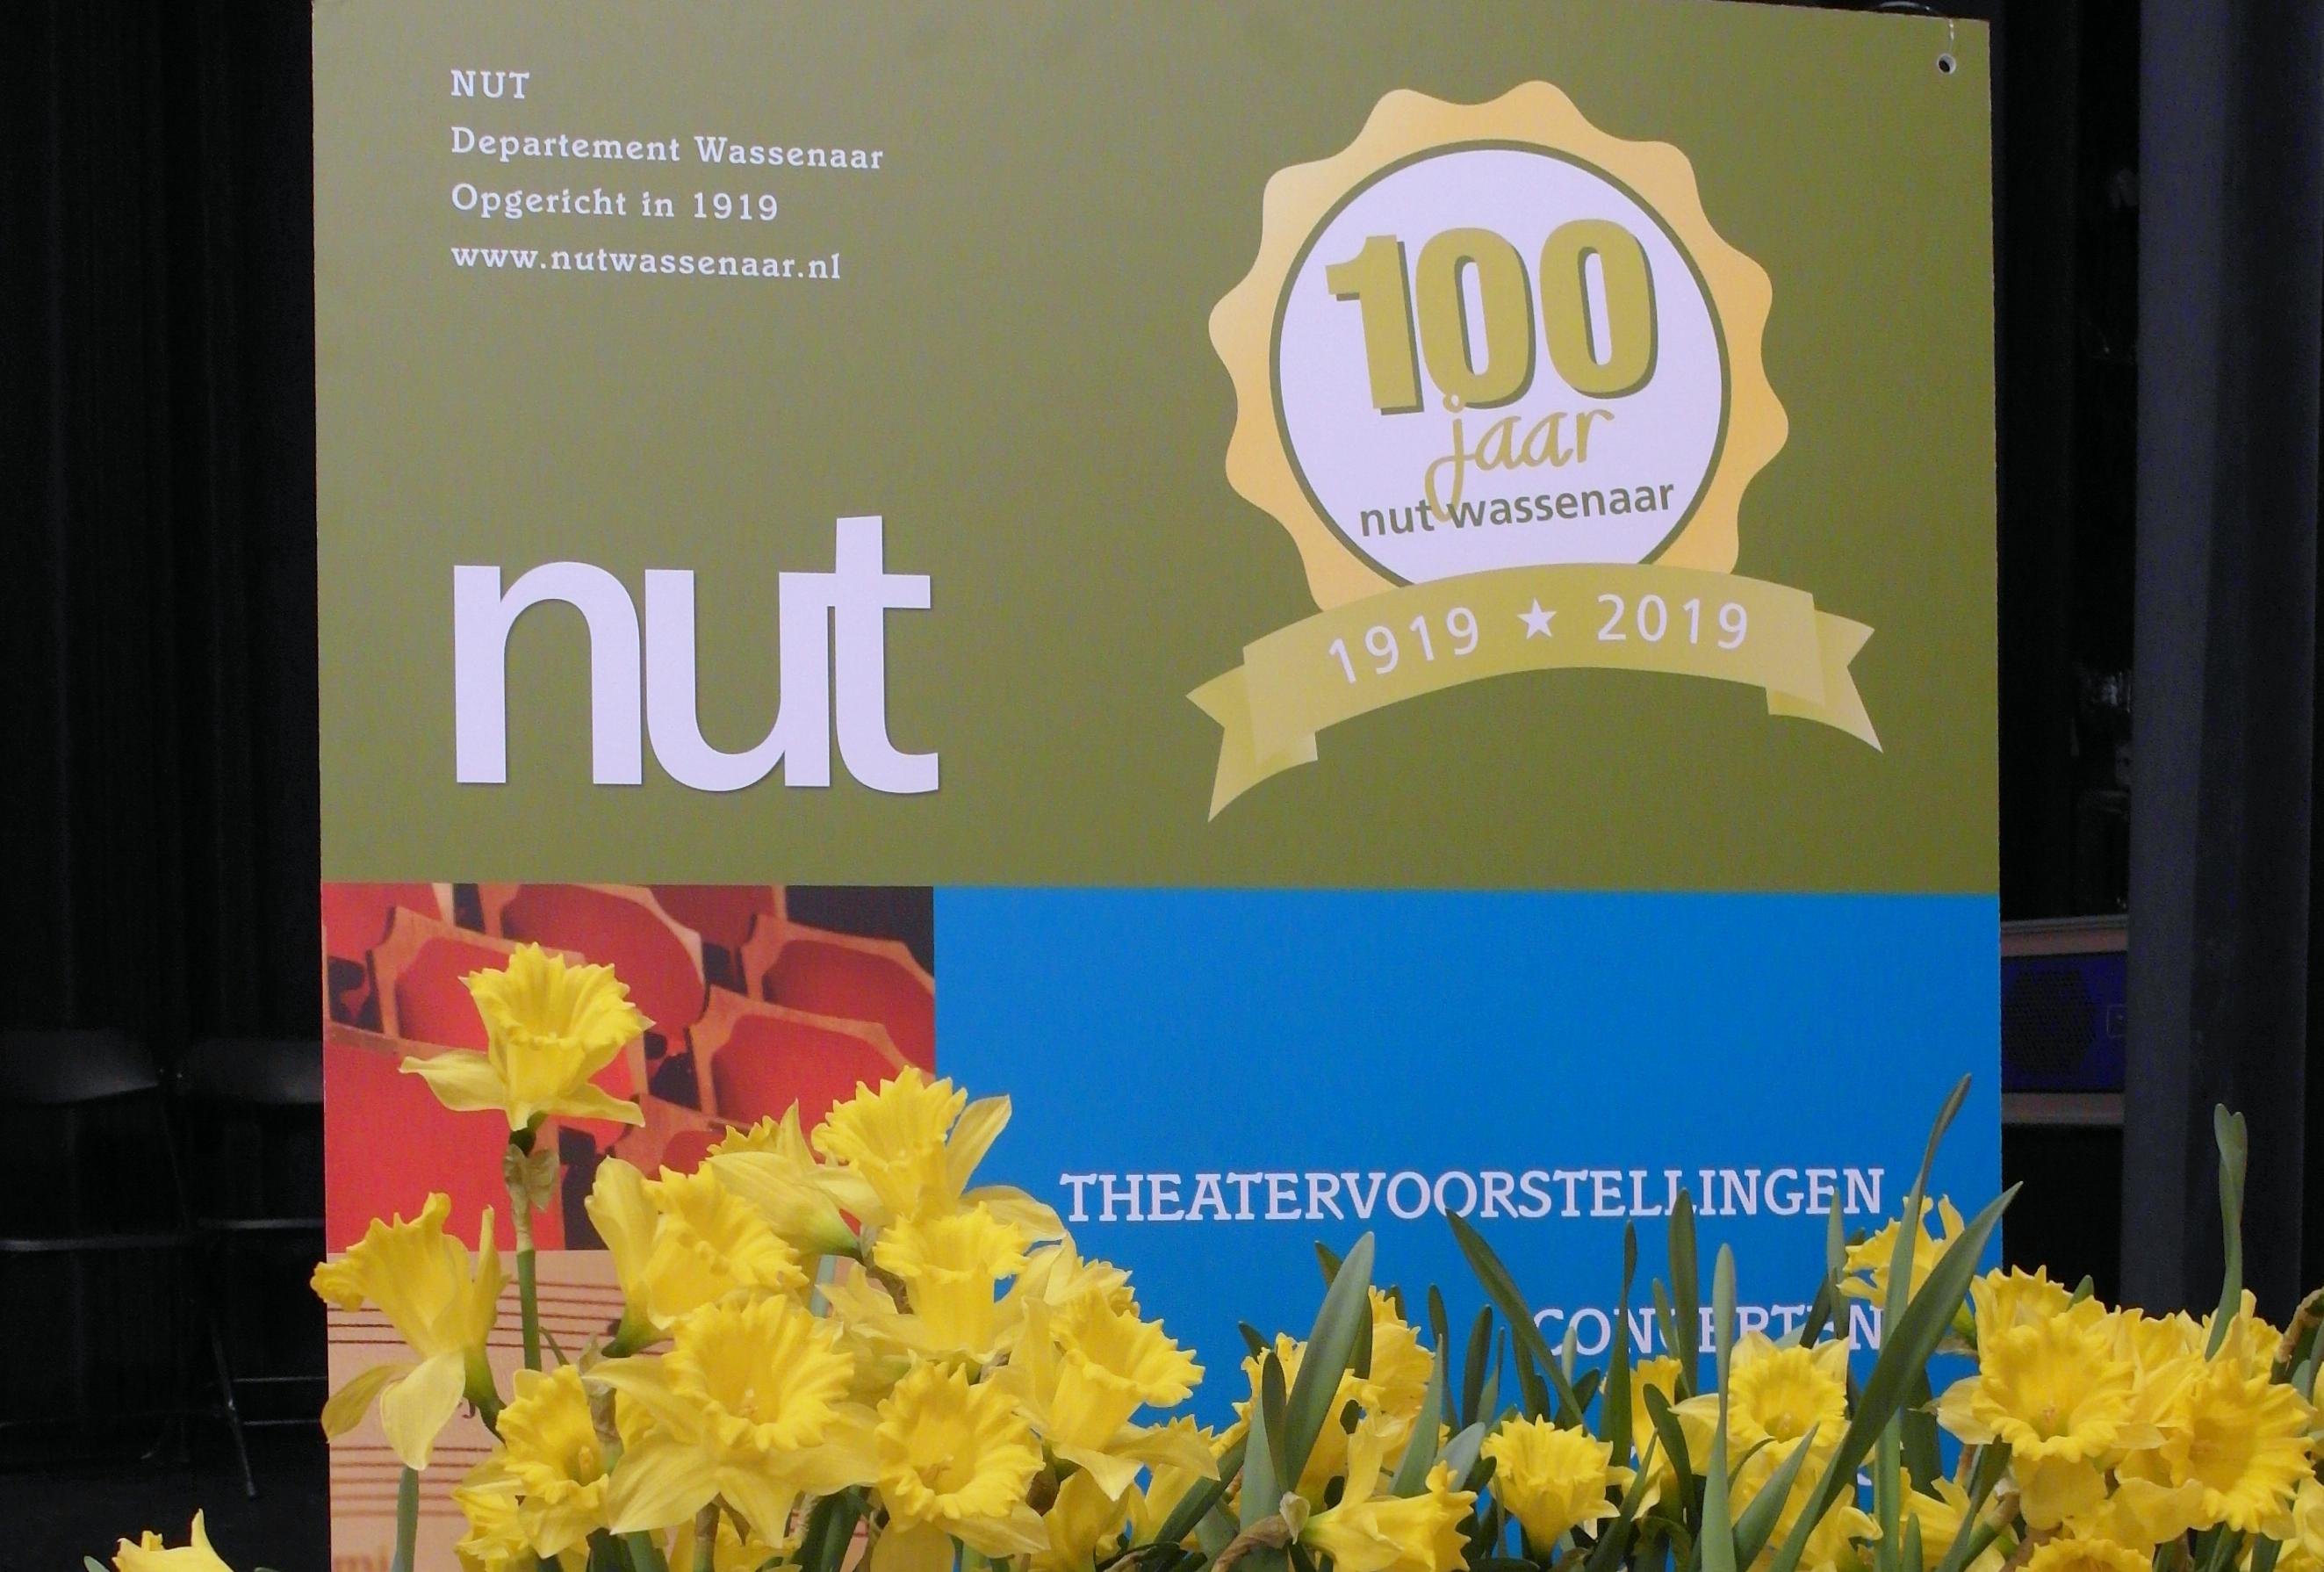 Viering 100 jaar departement Wassenaar